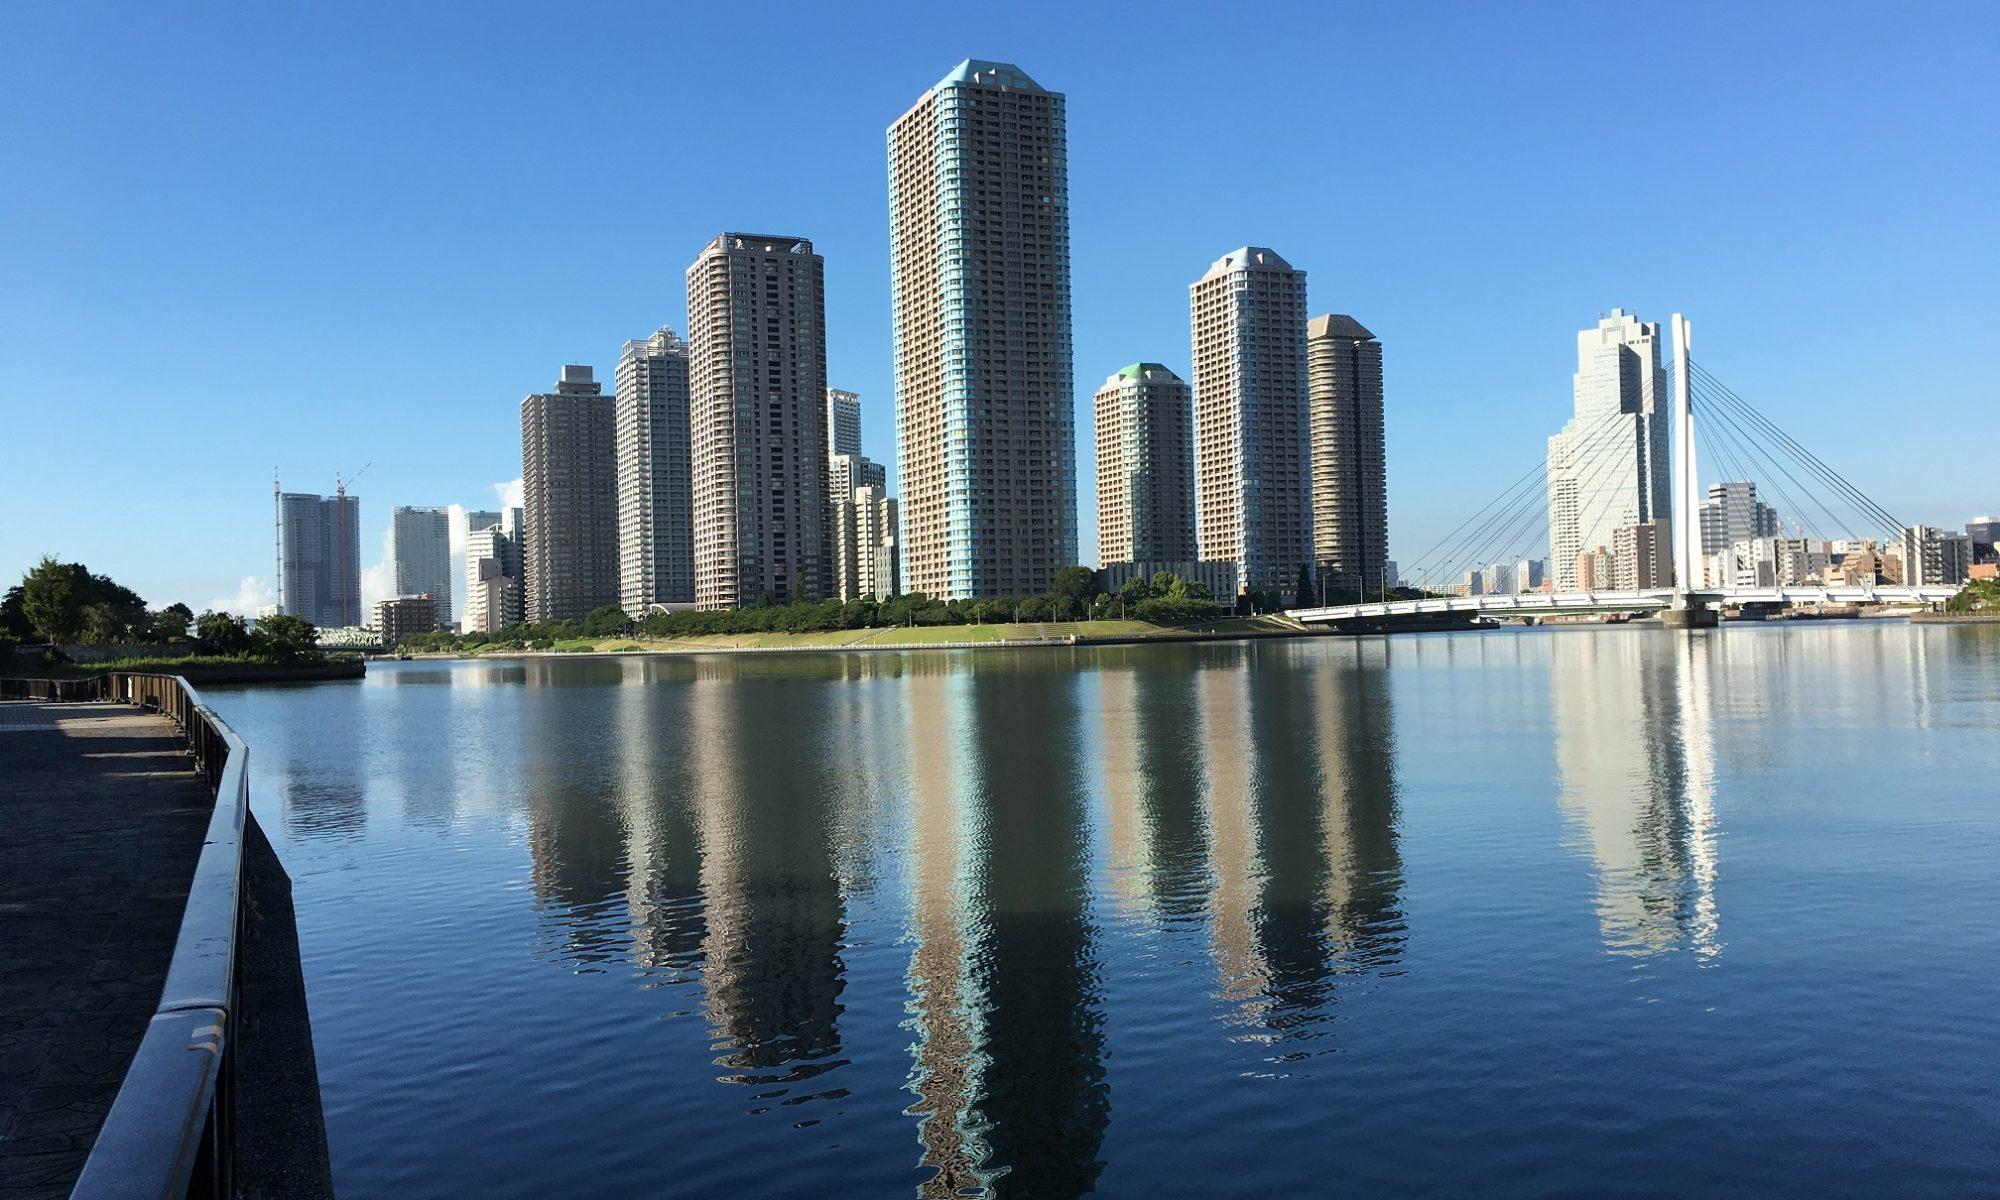 隅田川に逆さに映るリバーシティ21地区